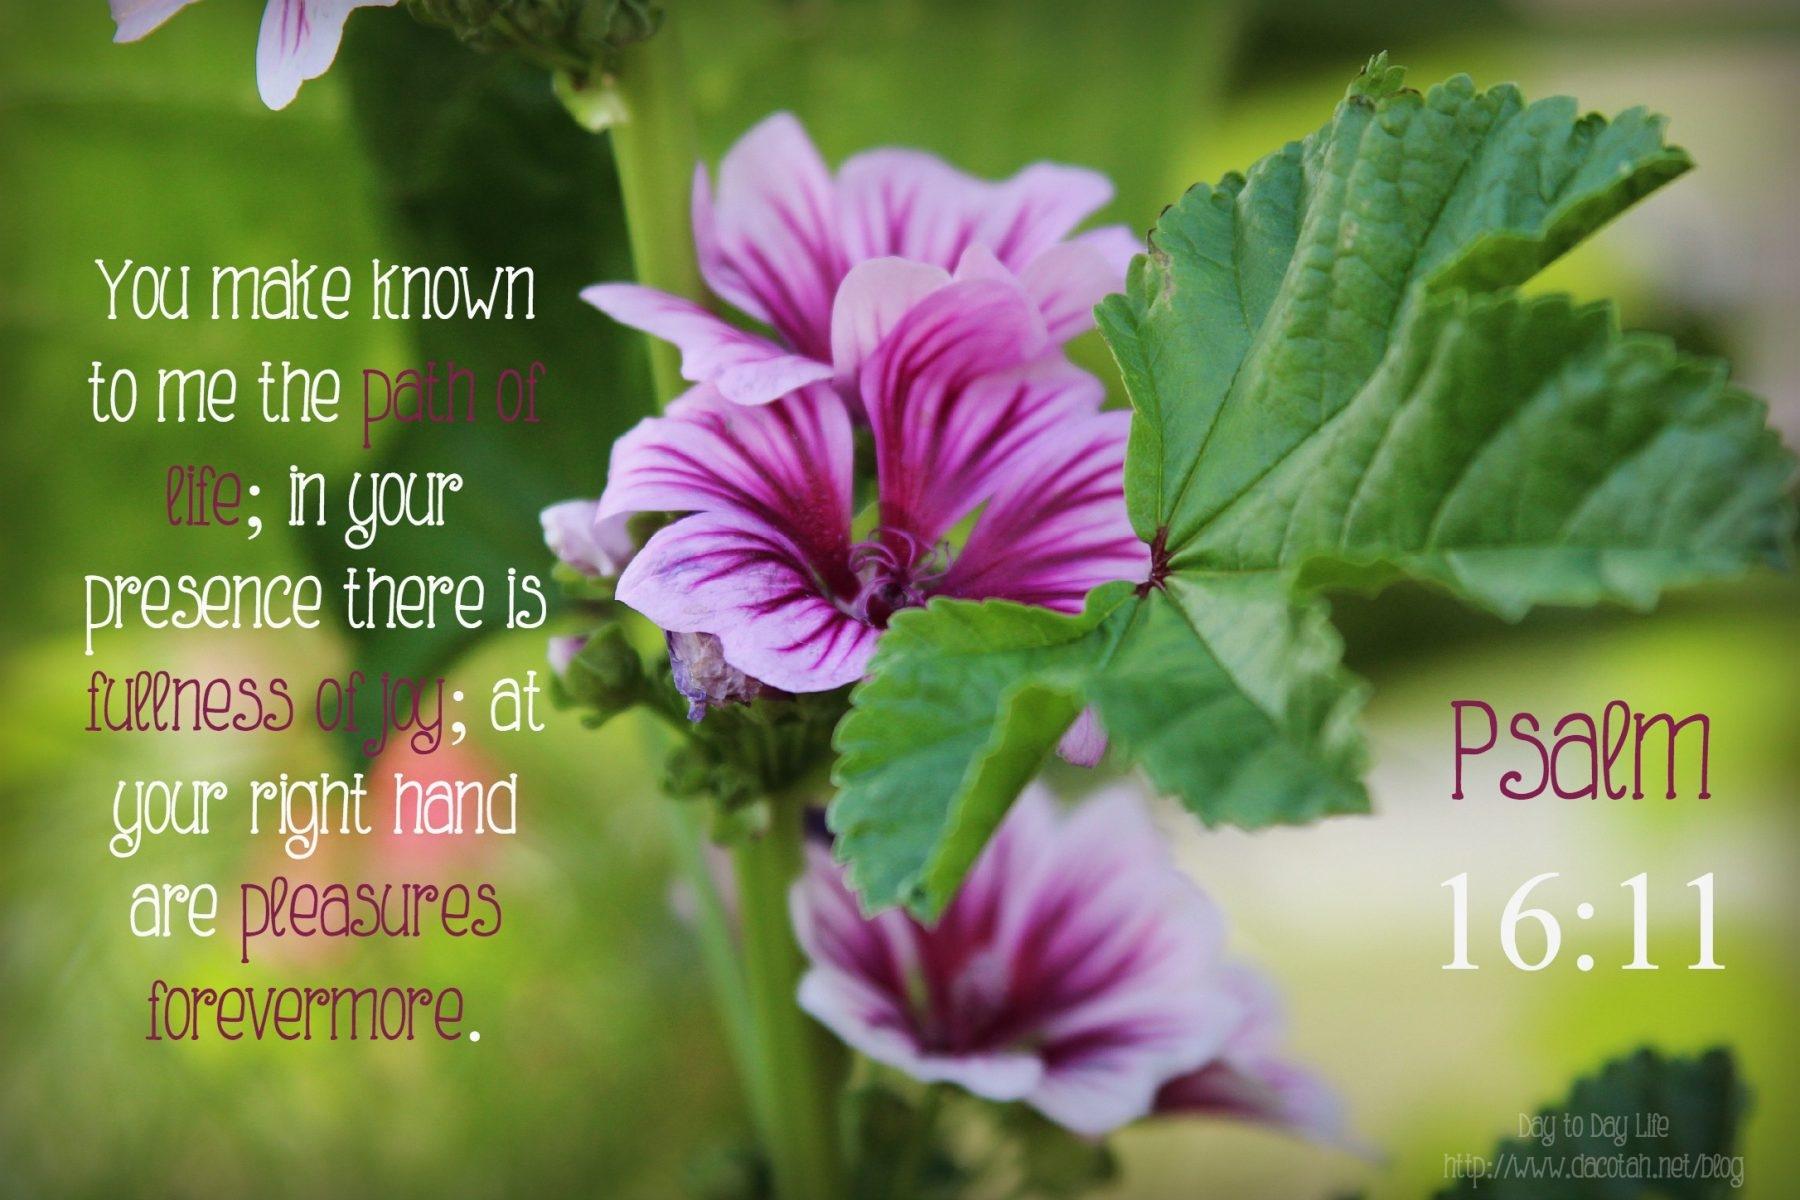 D2DL-Psalm16:11